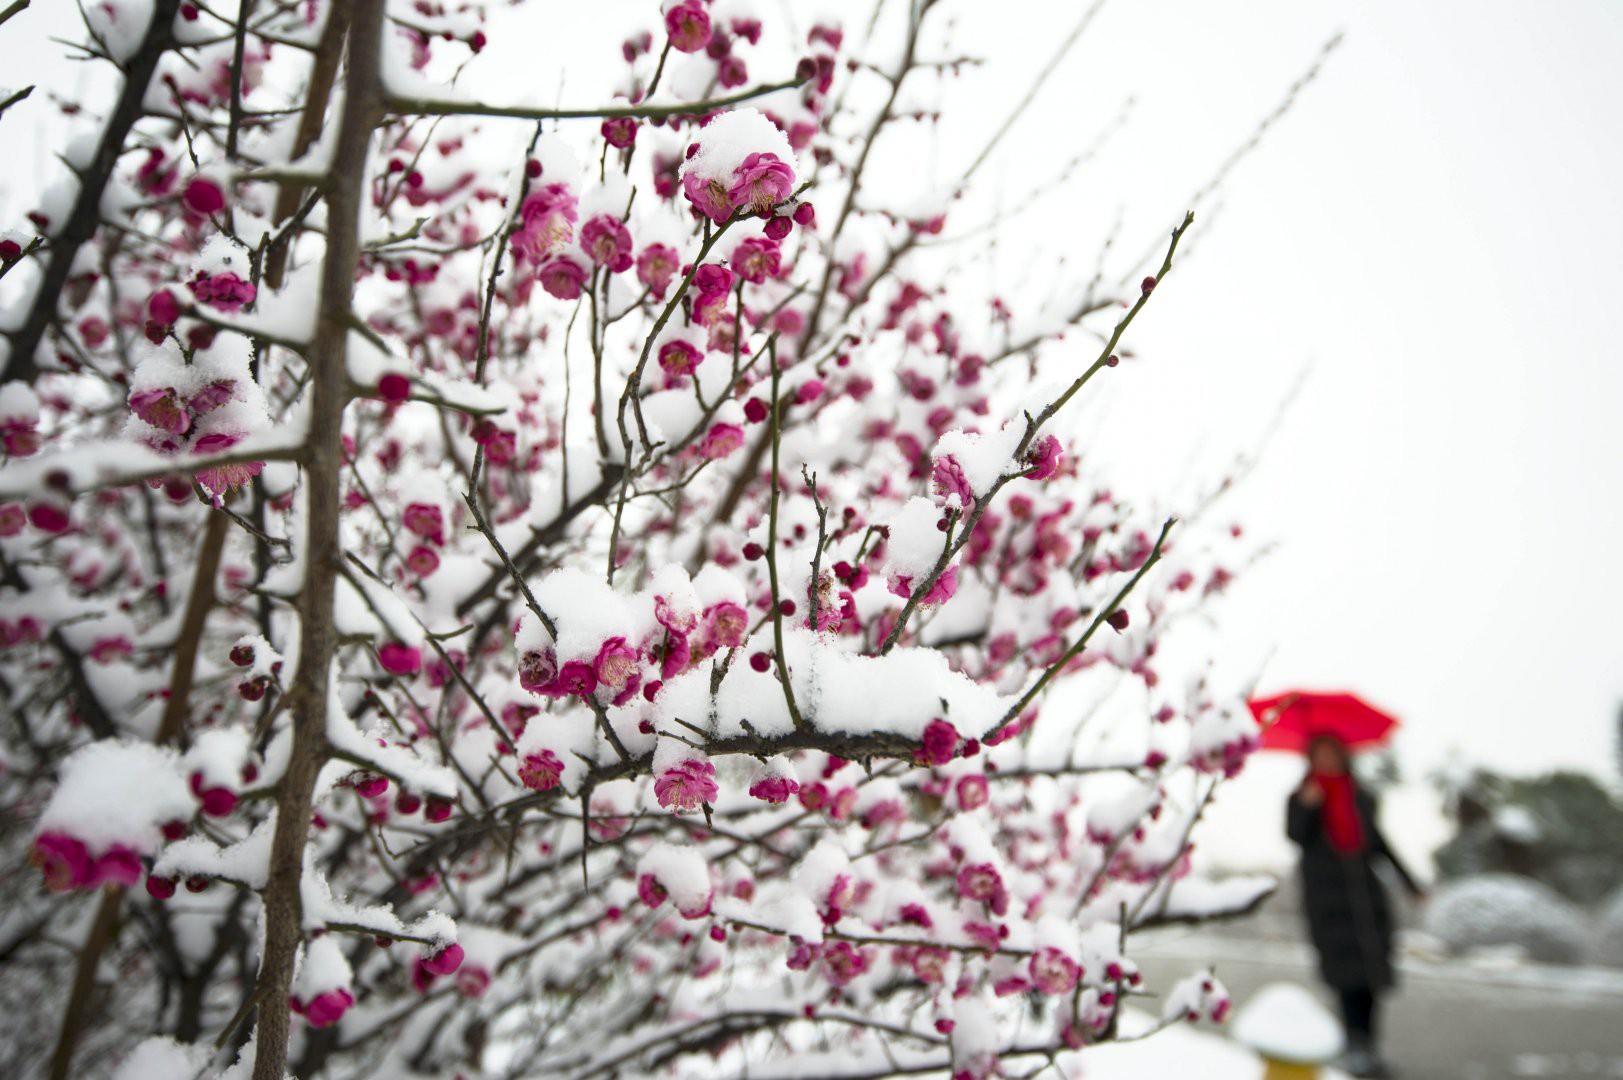 Vẻ đẹp trong trẻo của tuyết mùa xuân ở Trung Quốc khiến nhiều tín đồ du lịch cuồng chân dù đã hết Tết - Ảnh 7.